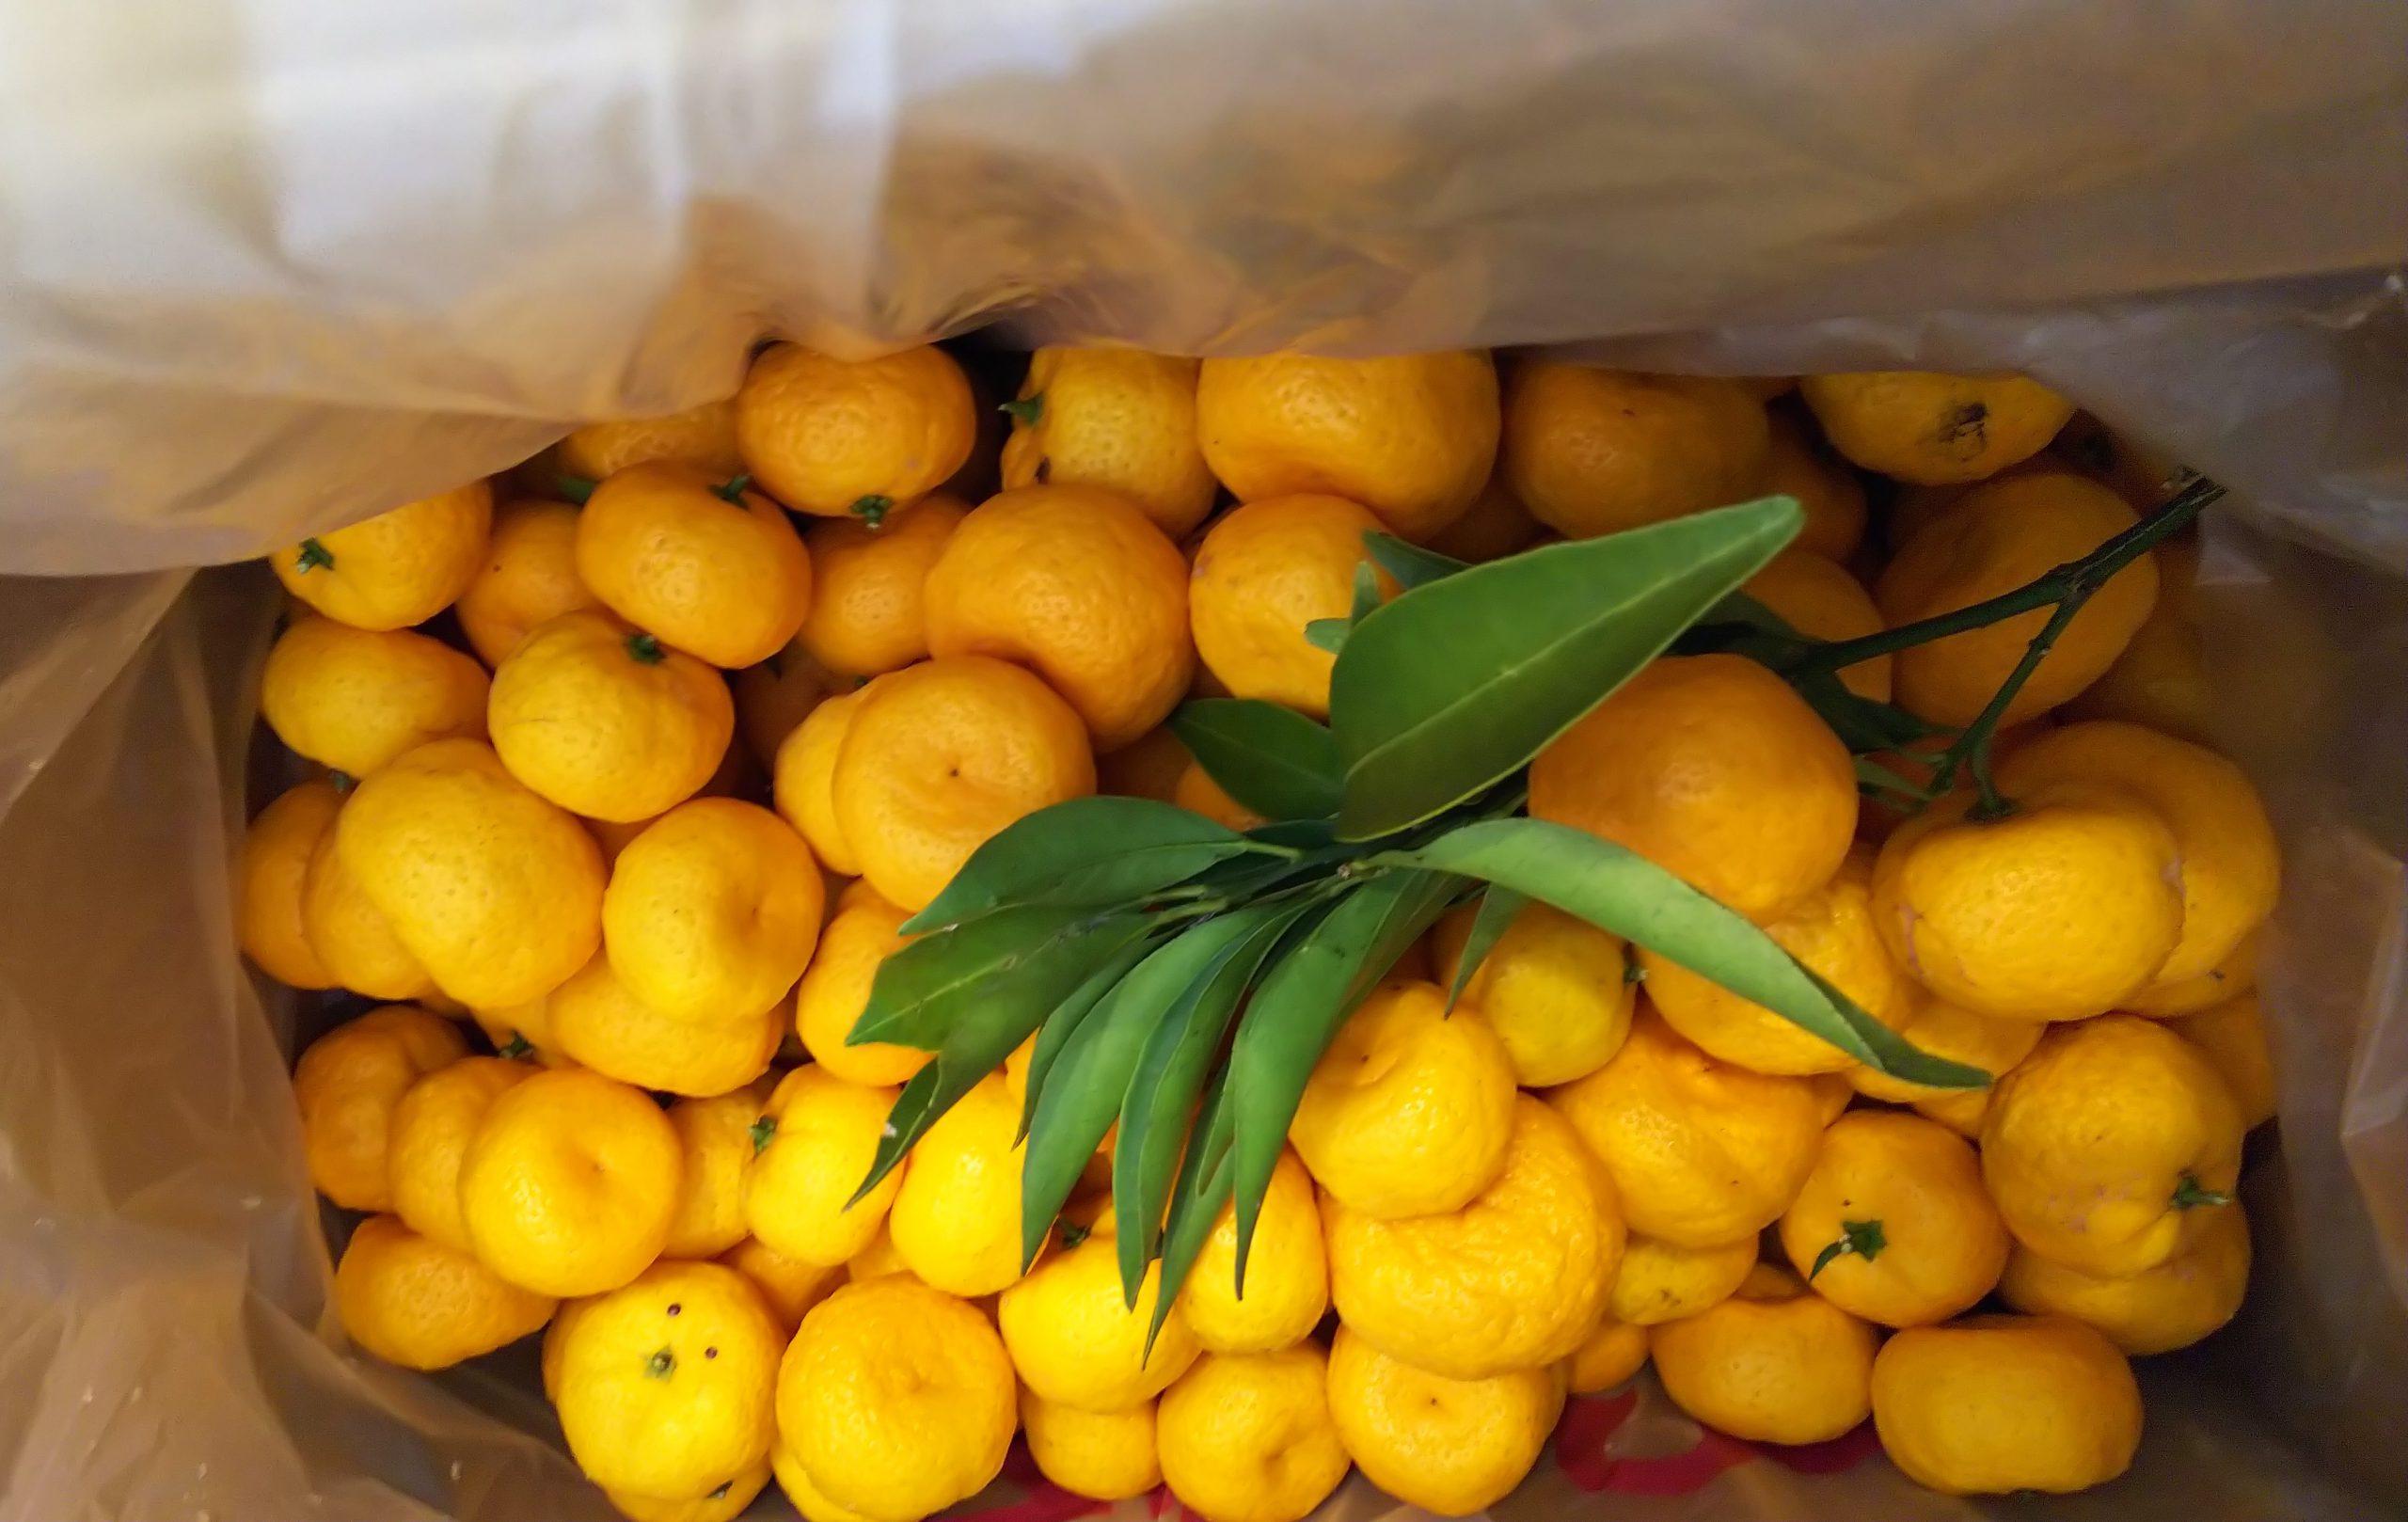 大和橘の収穫のデータから。